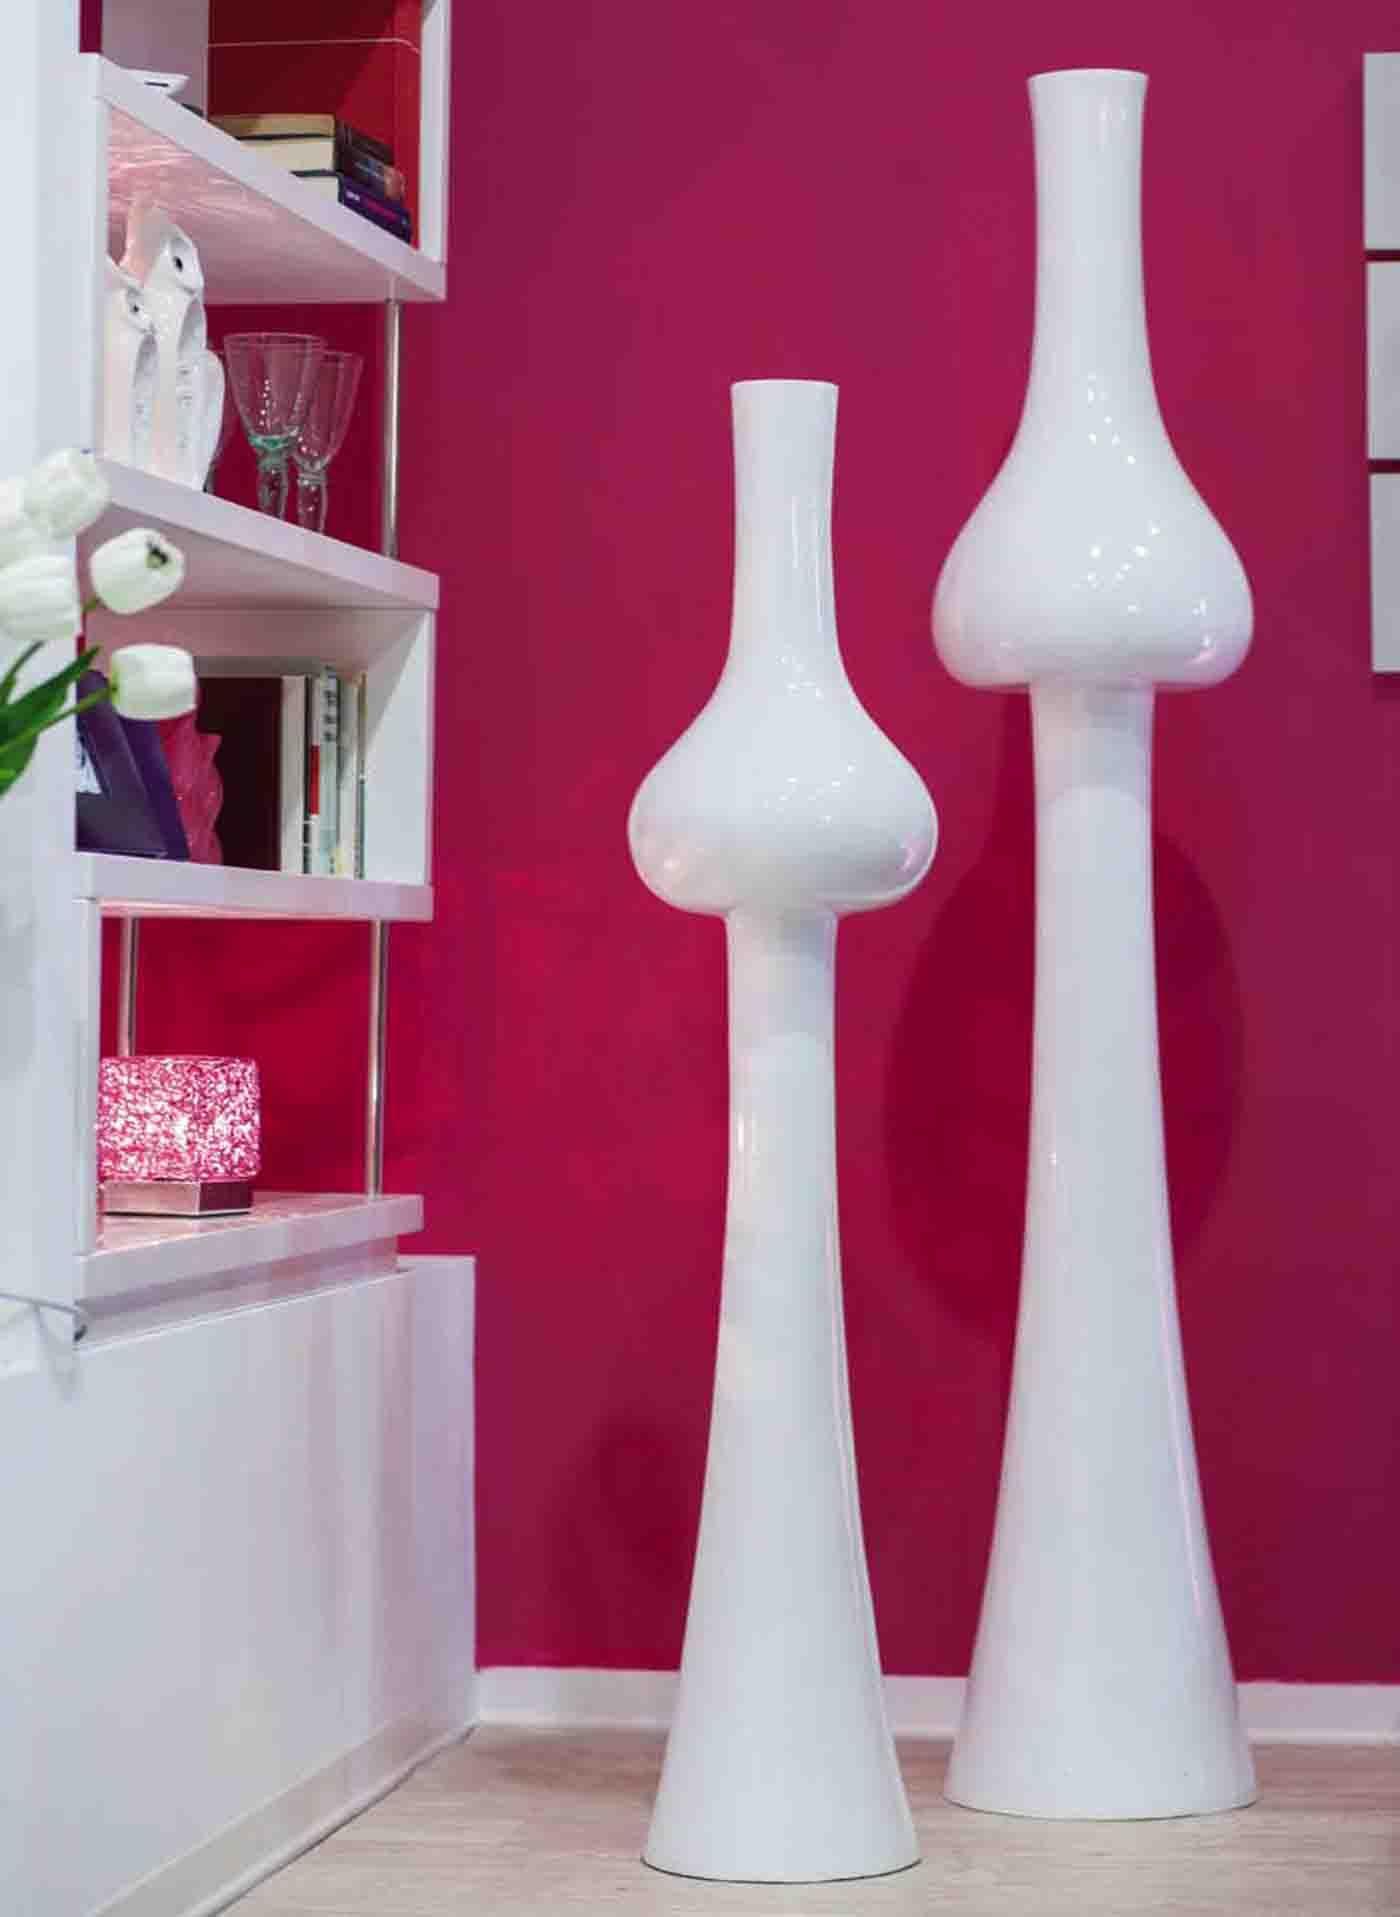 Jarrones de pie decorativos tulipan decoracion beltran for Decoracion beltran